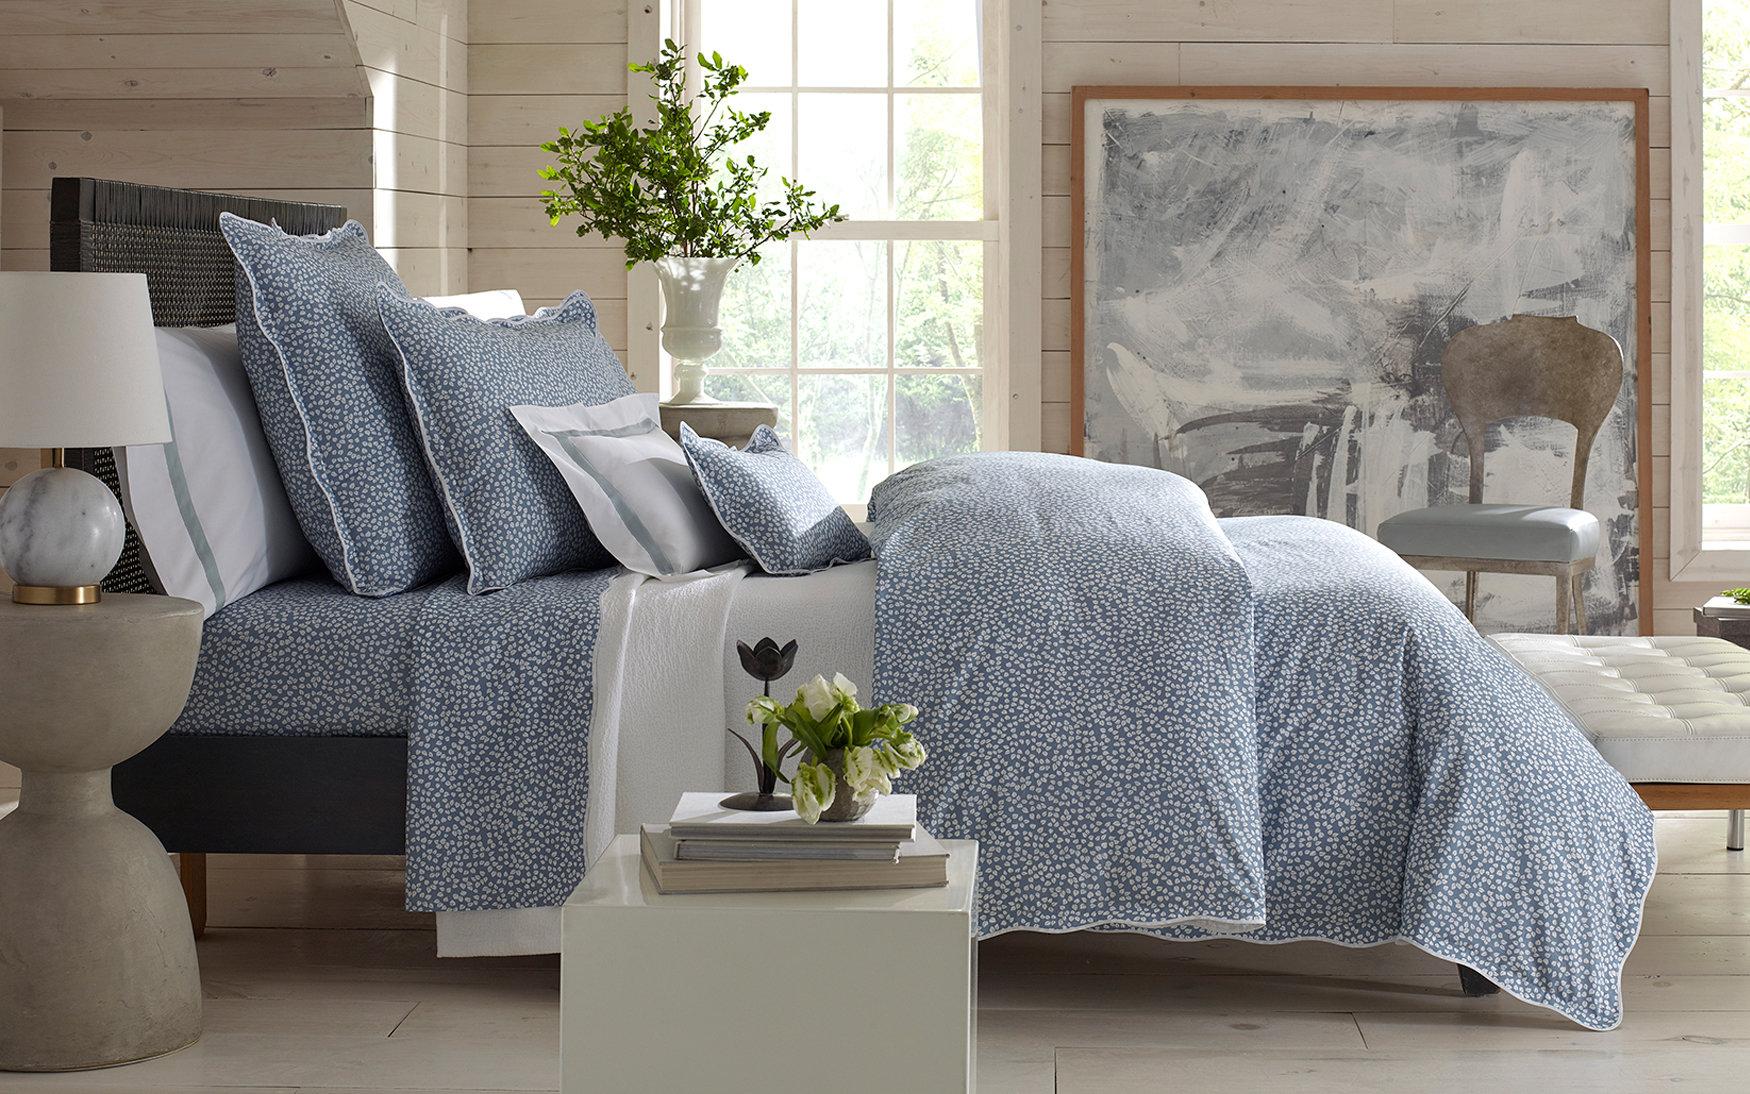 margot blue white patterned duvet